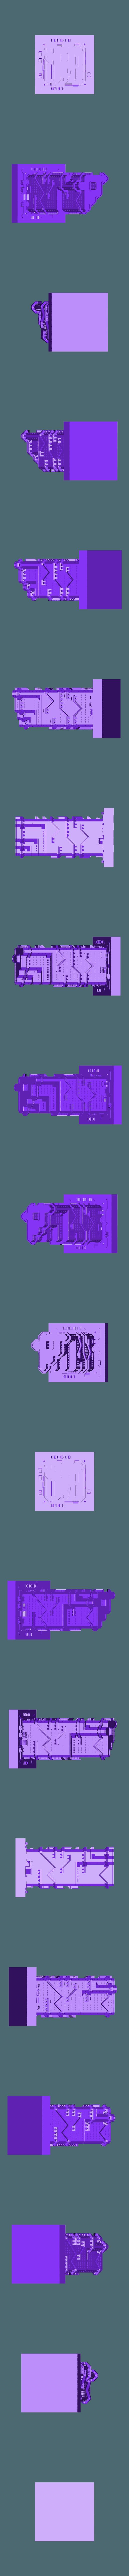 big3.stl Télécharger fichier STL gratuit Bâtiments de procédure • Design pour impression 3D, ferjerez3d